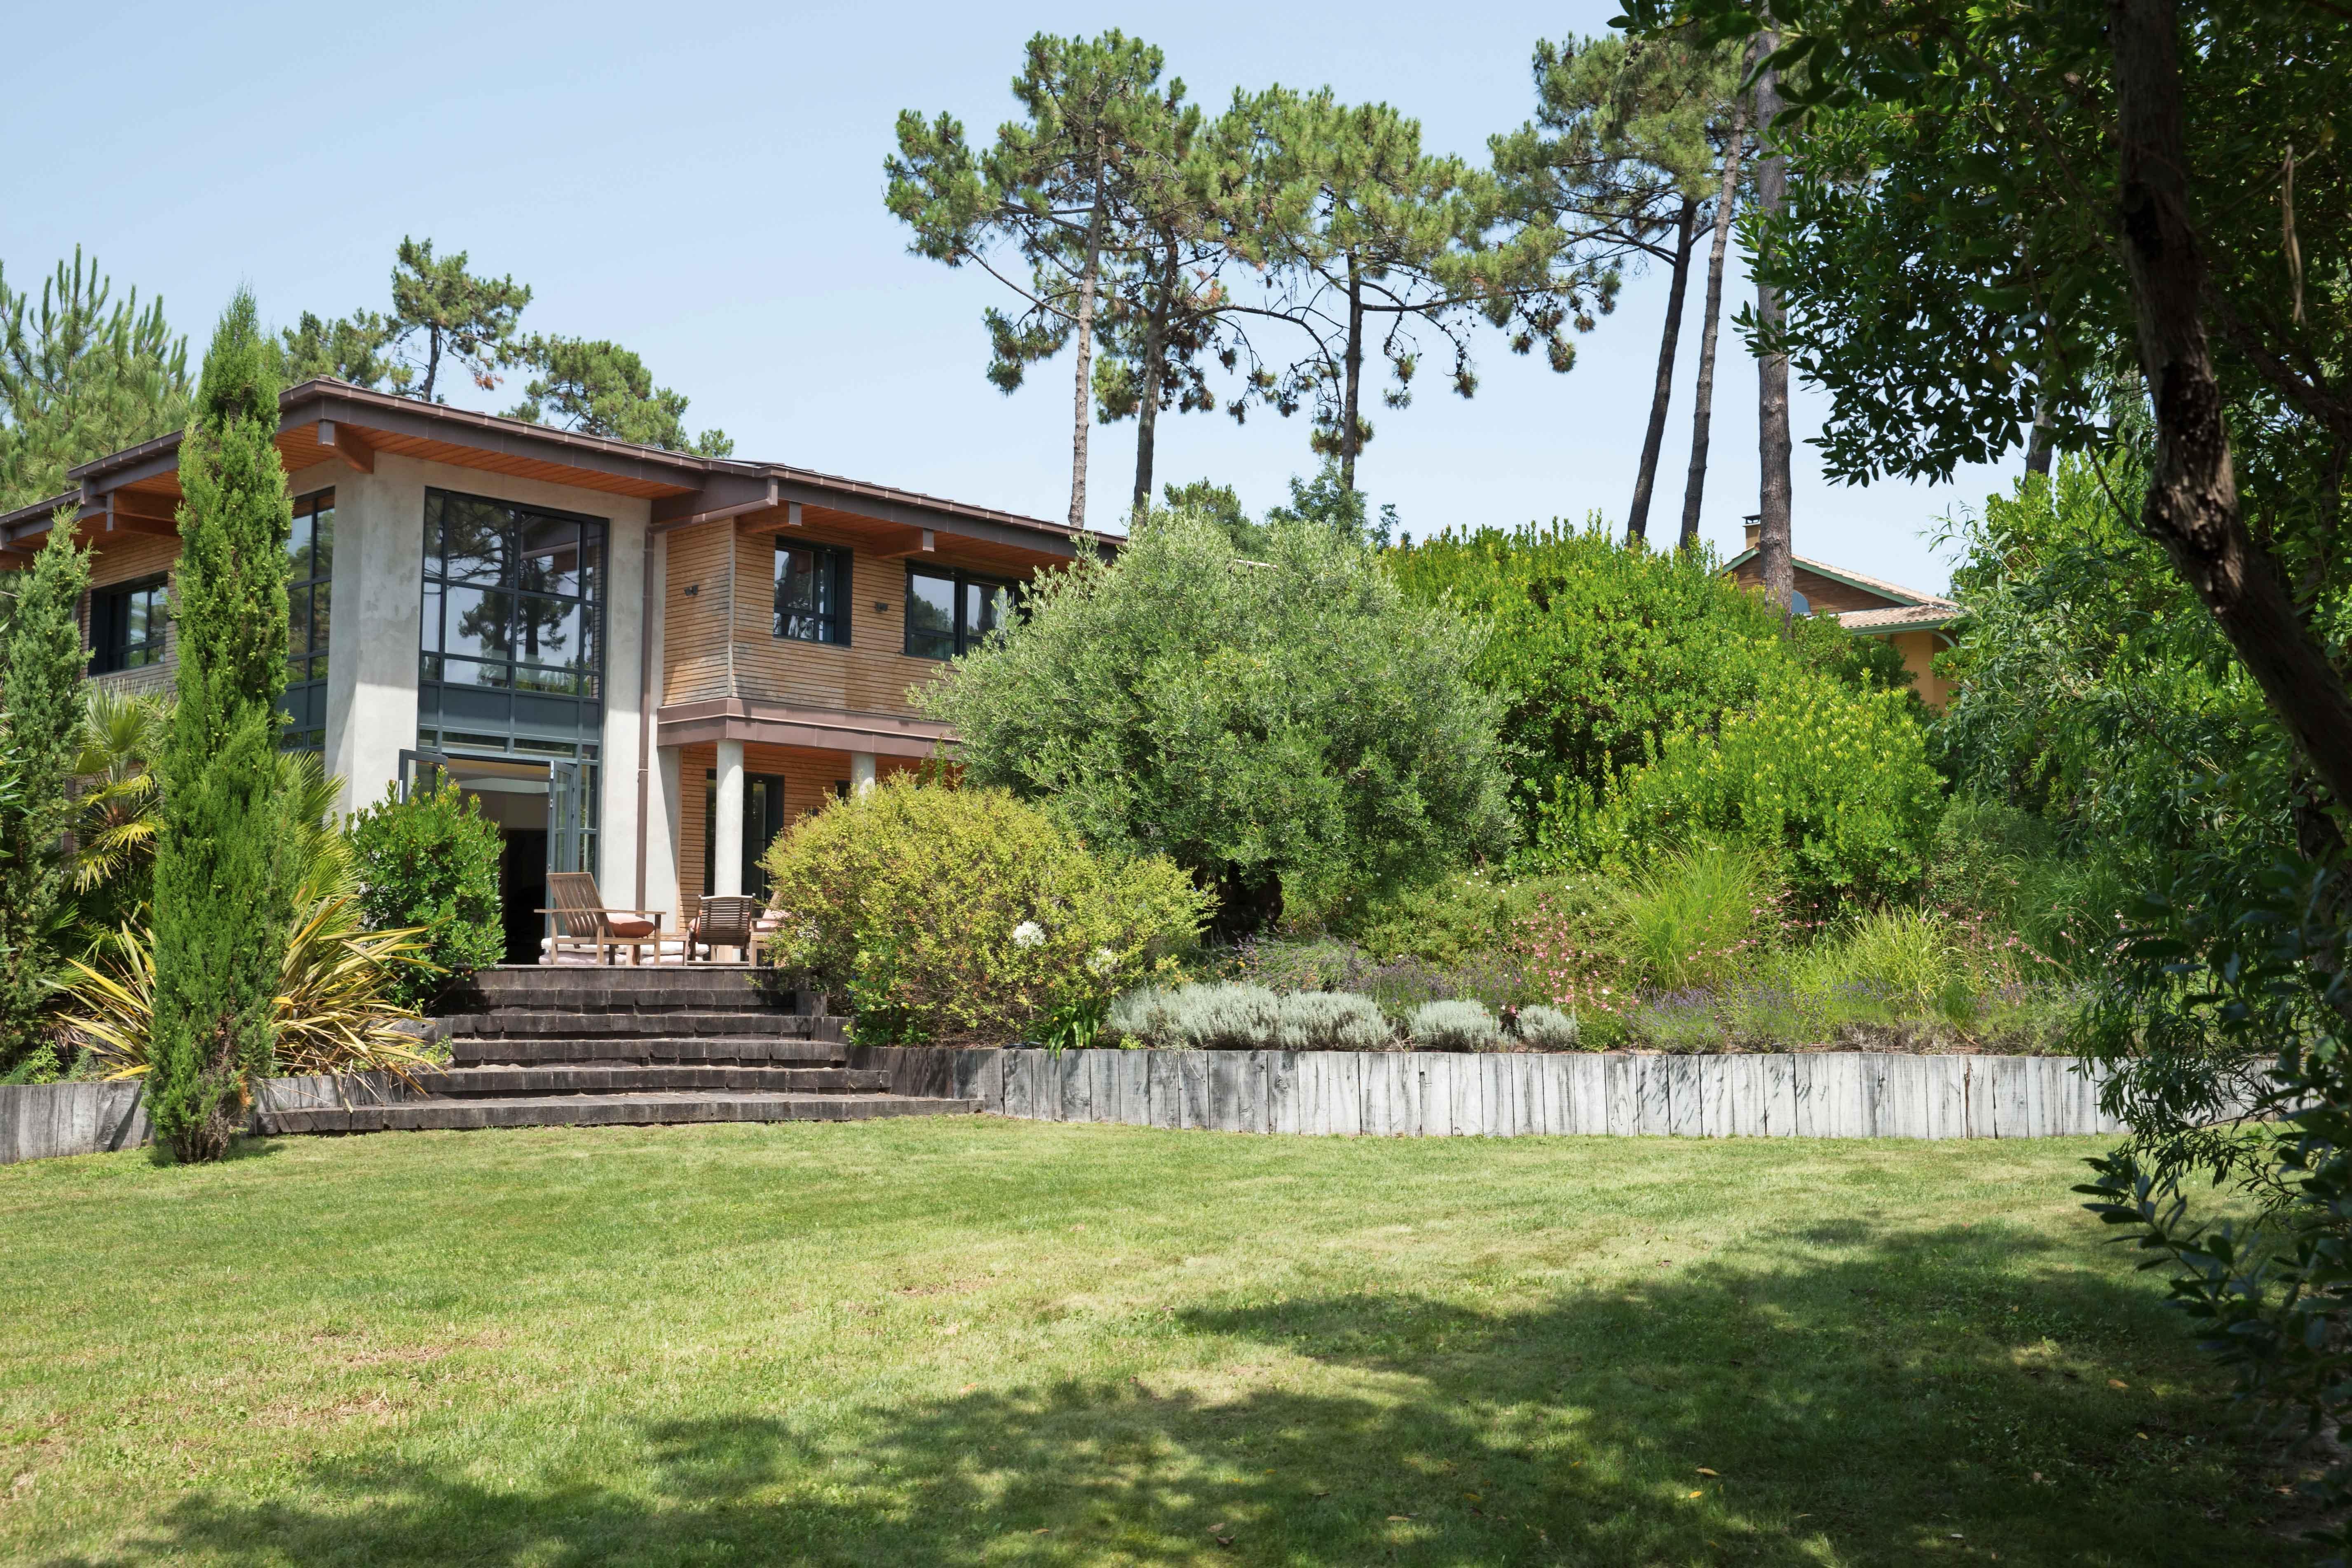 Maison d 39 archi la maison cologique - Maison ecologique architecte vetsche ...